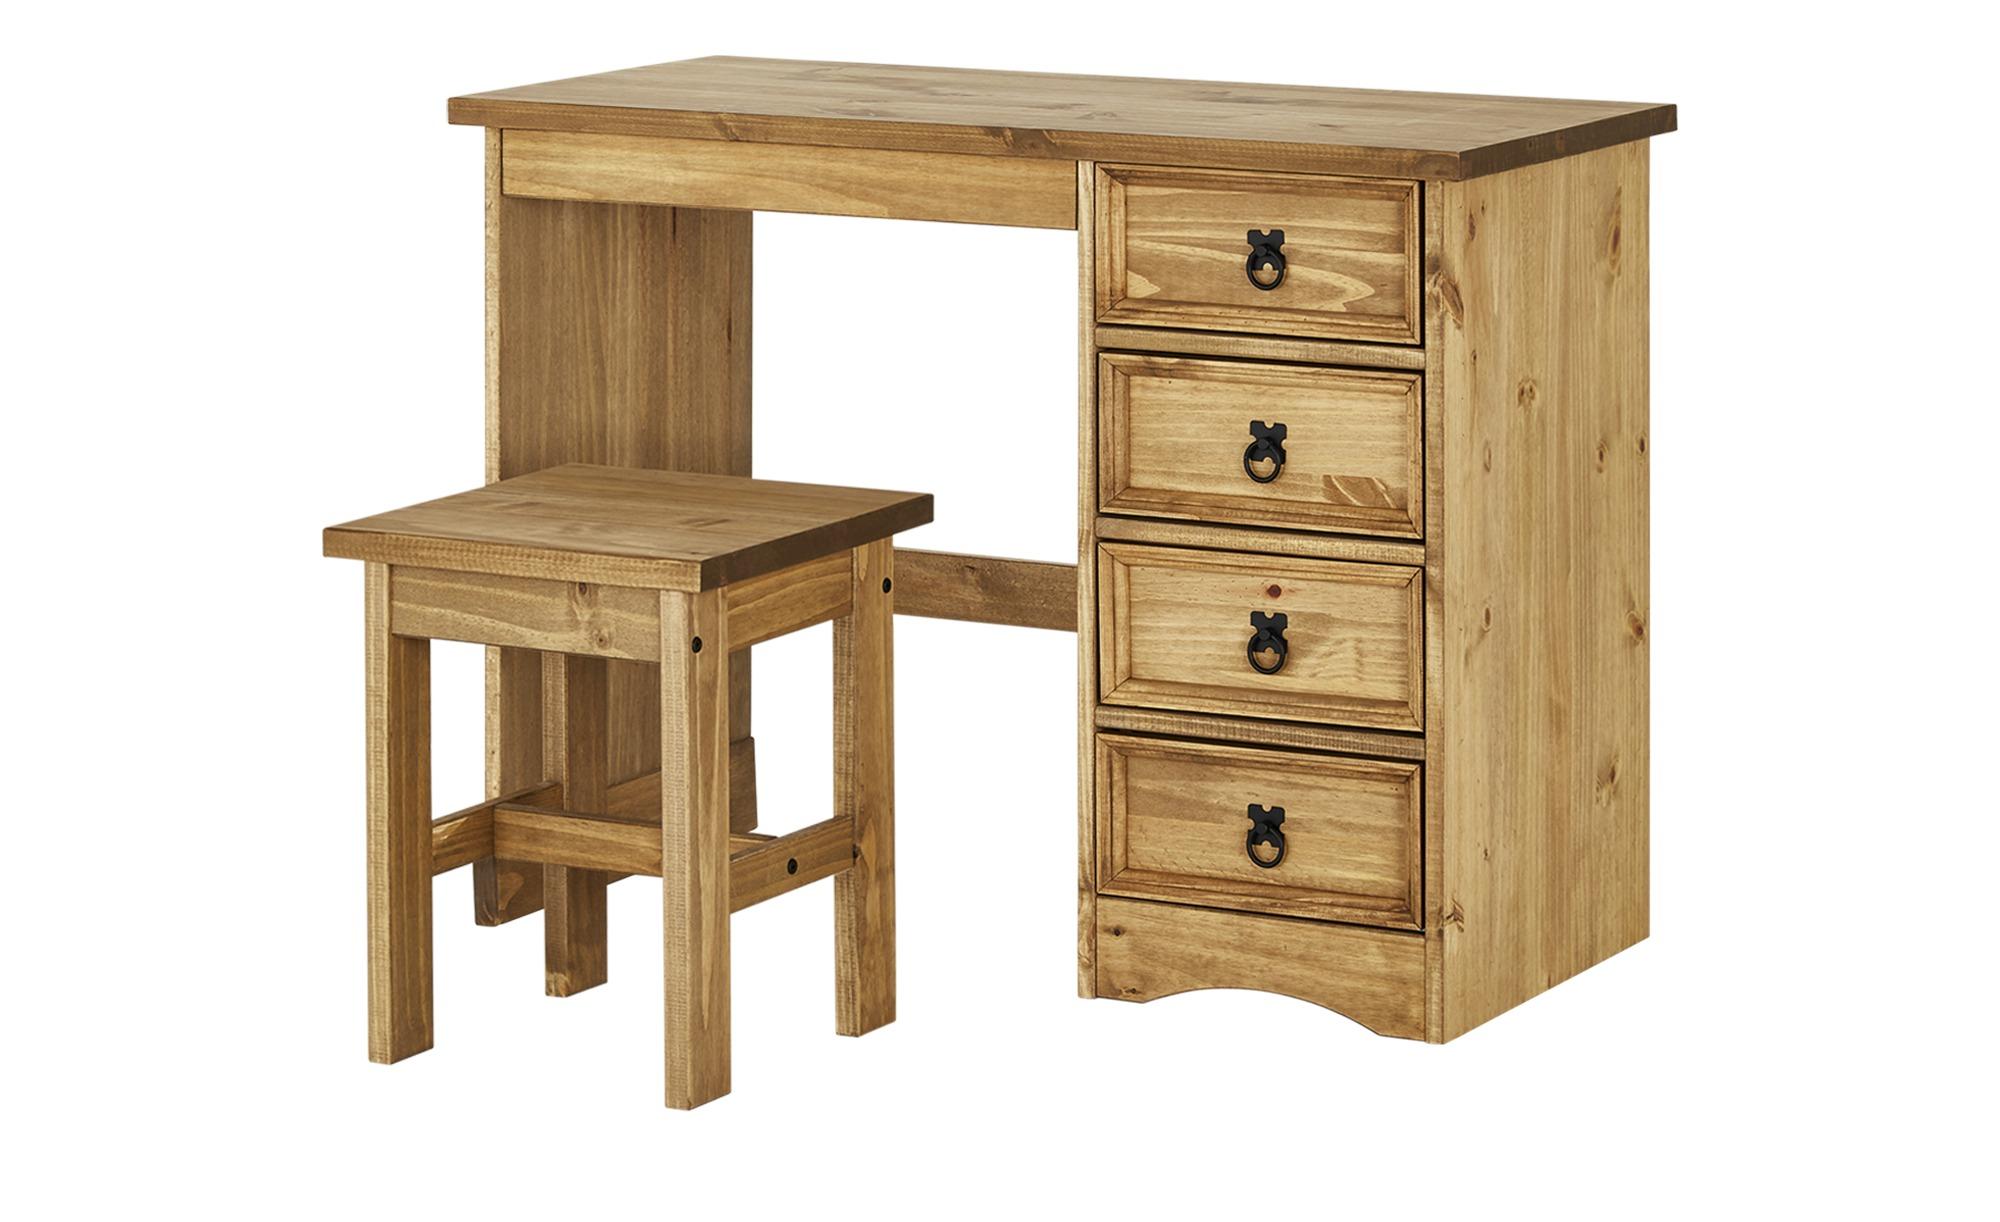 Schreibtisch-Set - holzfarben - Sconto günstig online kaufen